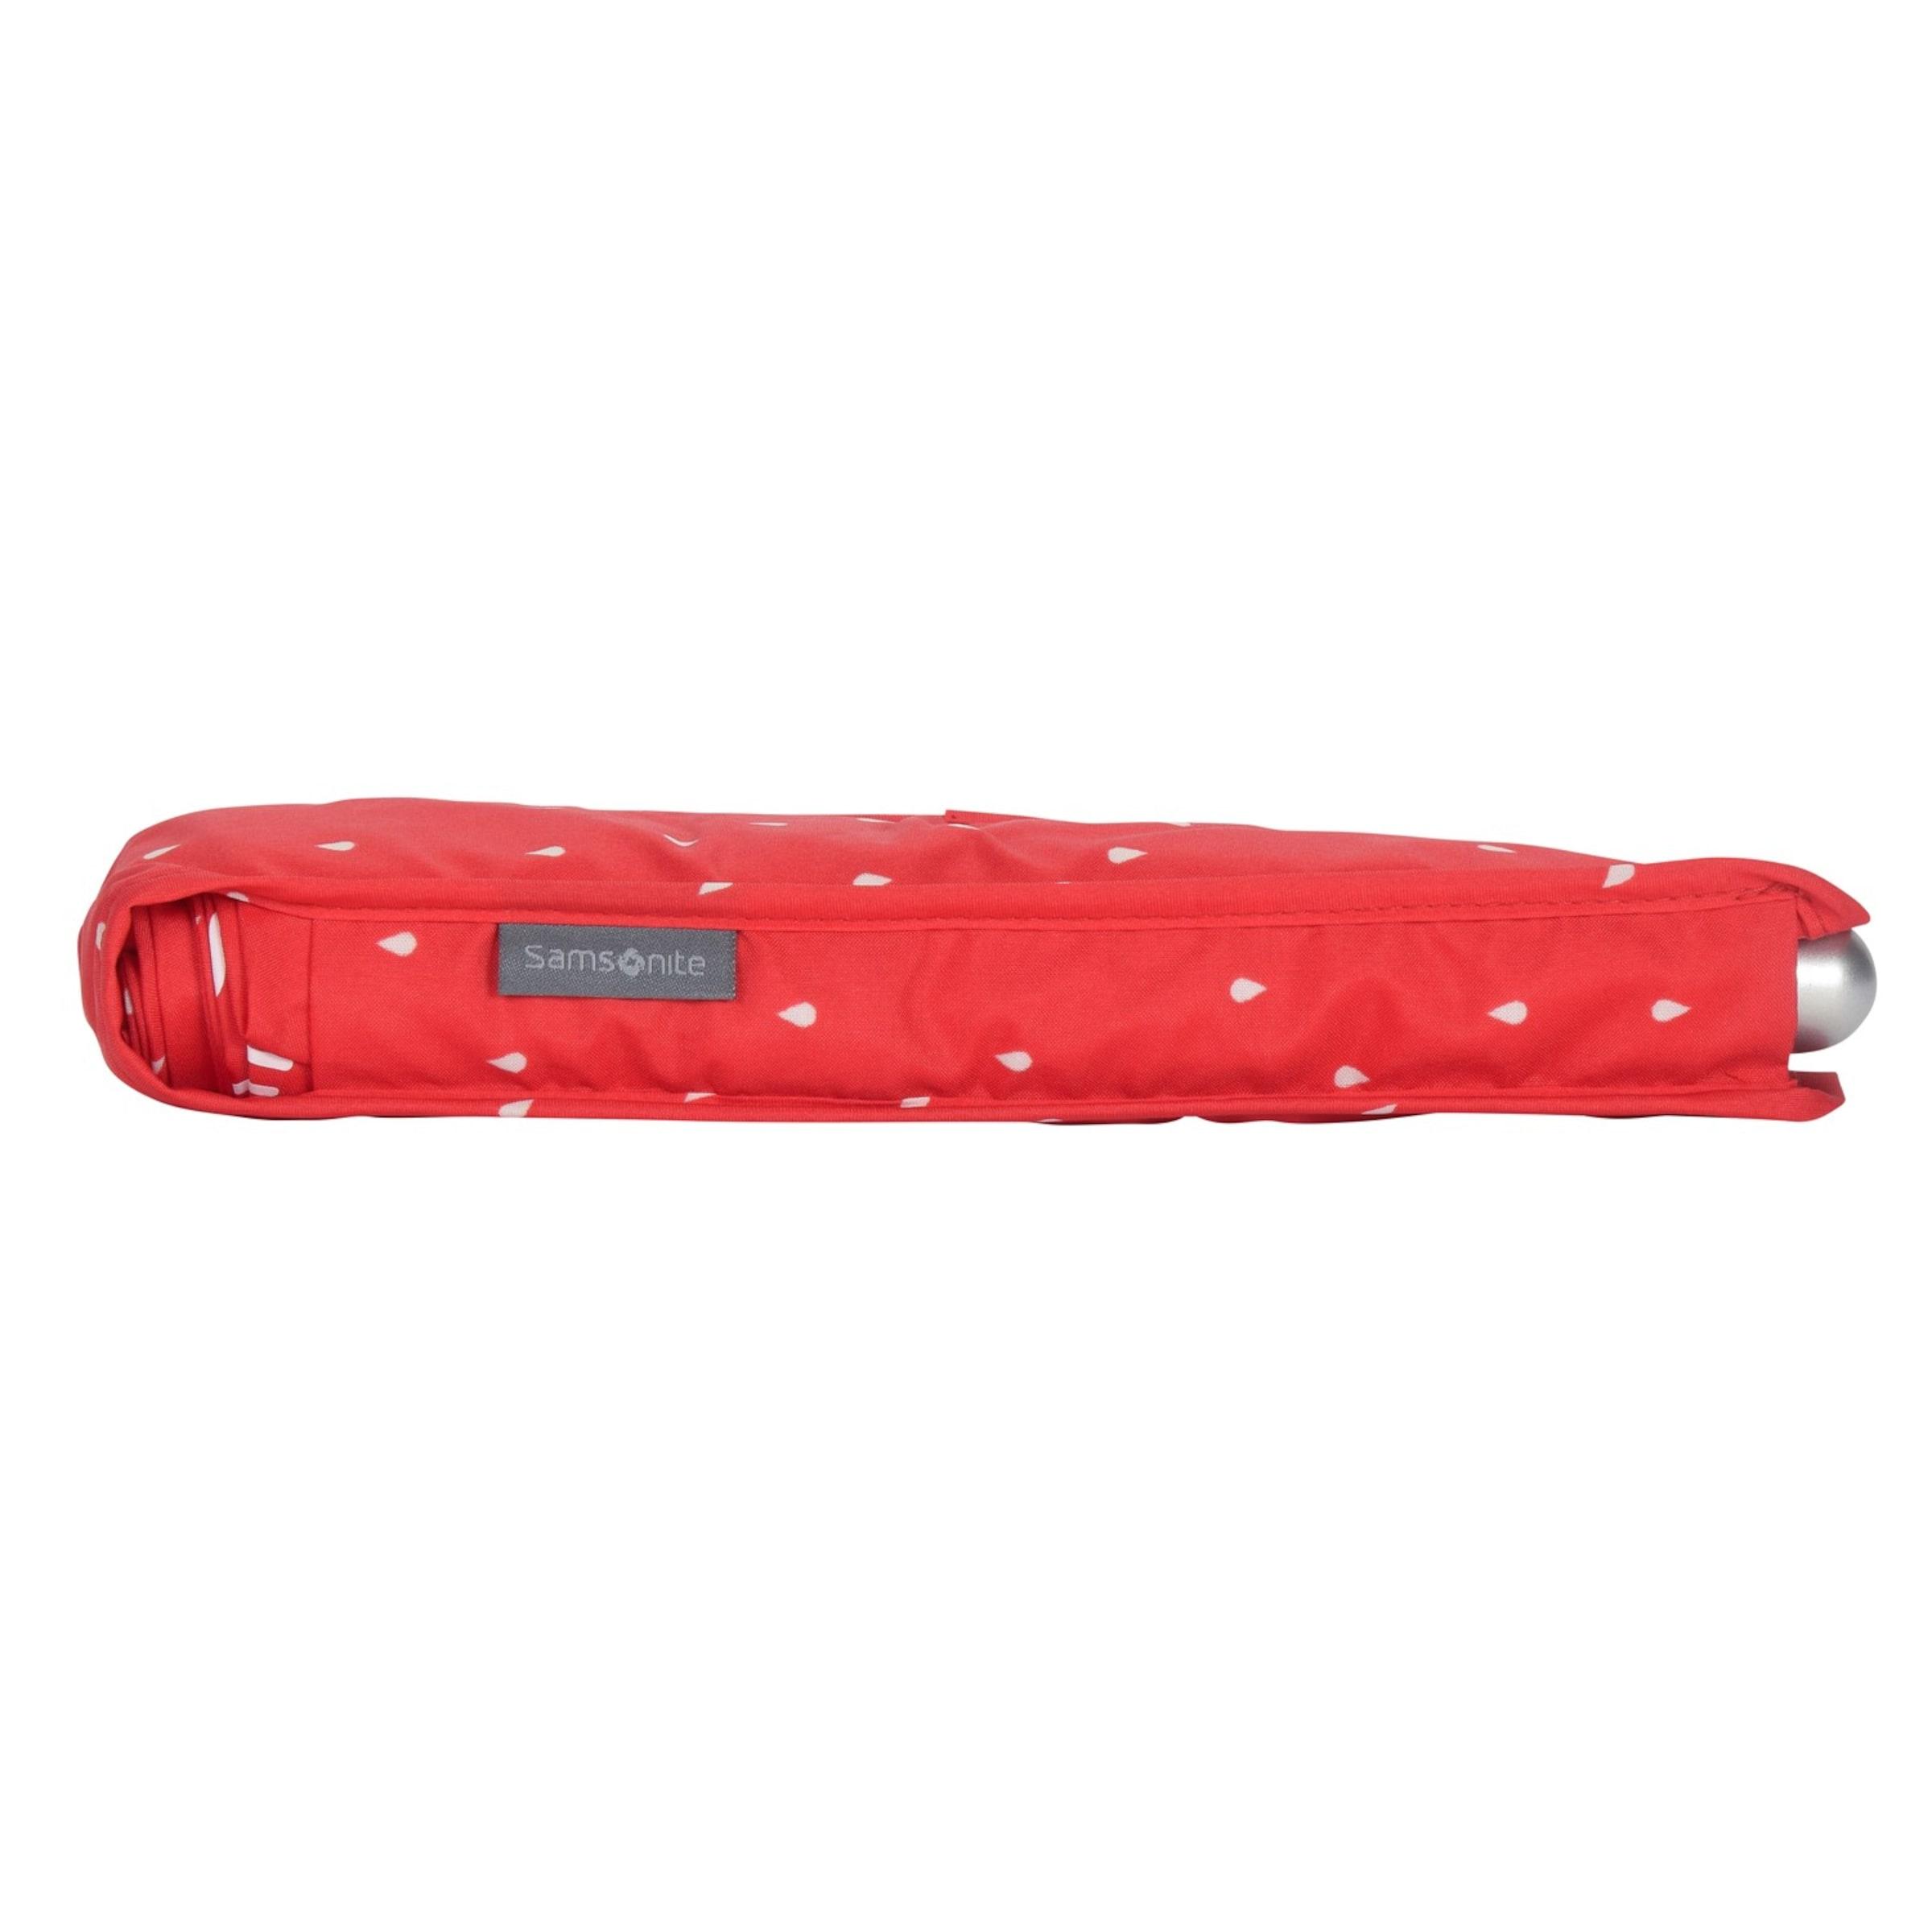 SAMSONITE Accessoires Taschenschirm IV 23,5 cm